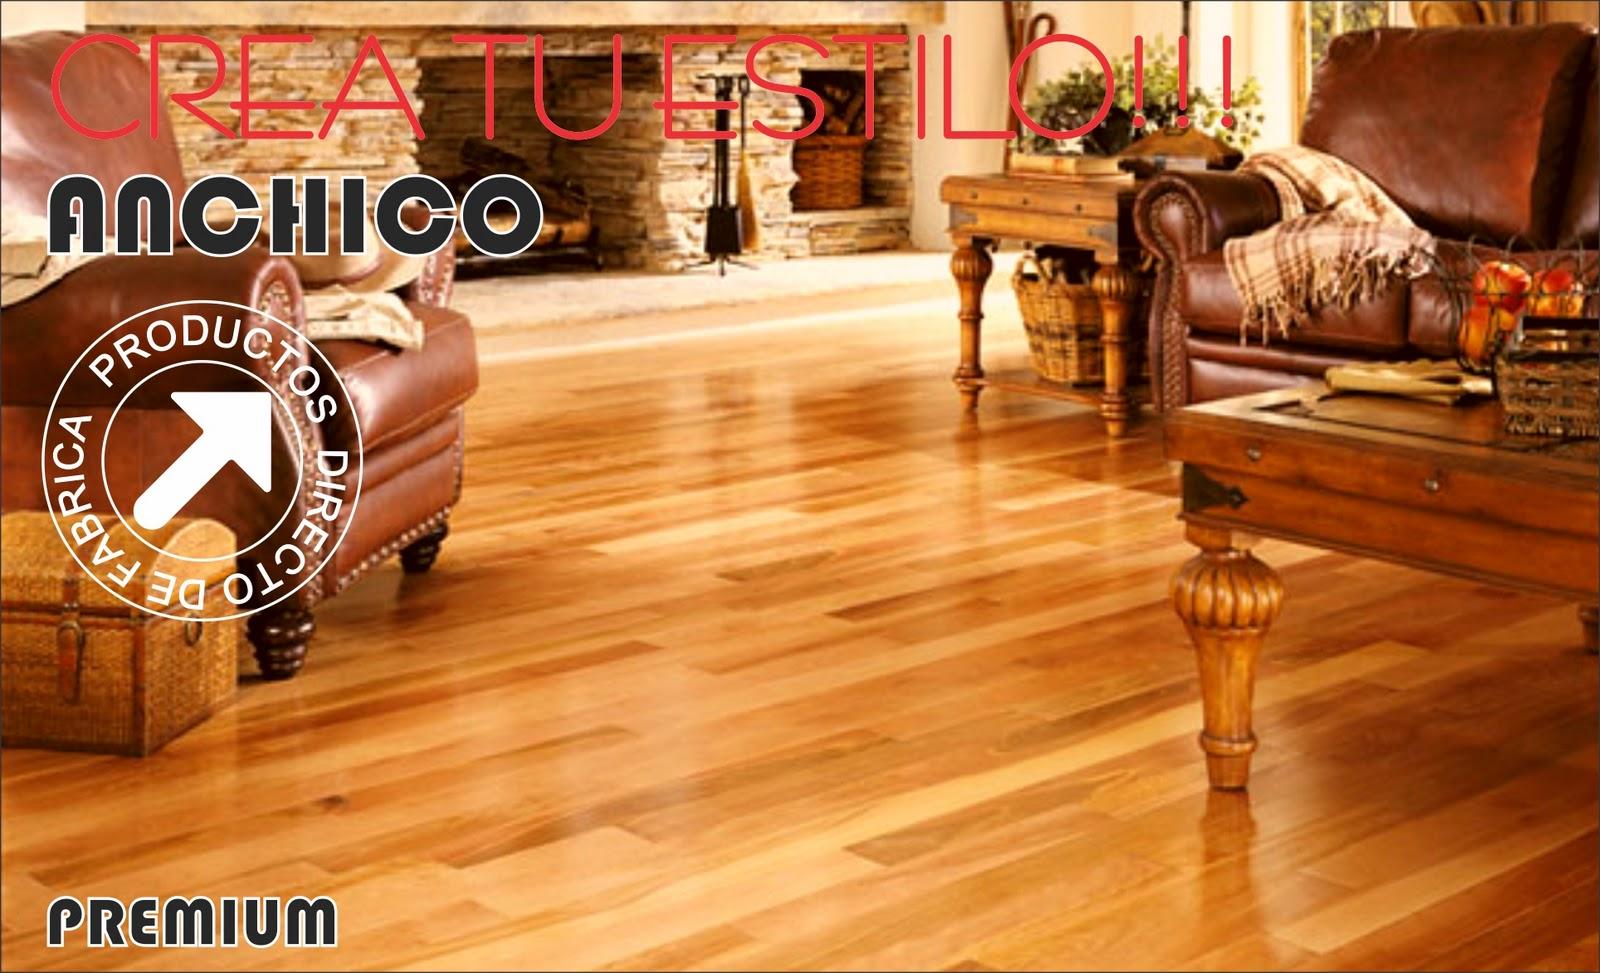 Producto Y Precios Directo De Fabrica Pisos Gt Anchico Premium